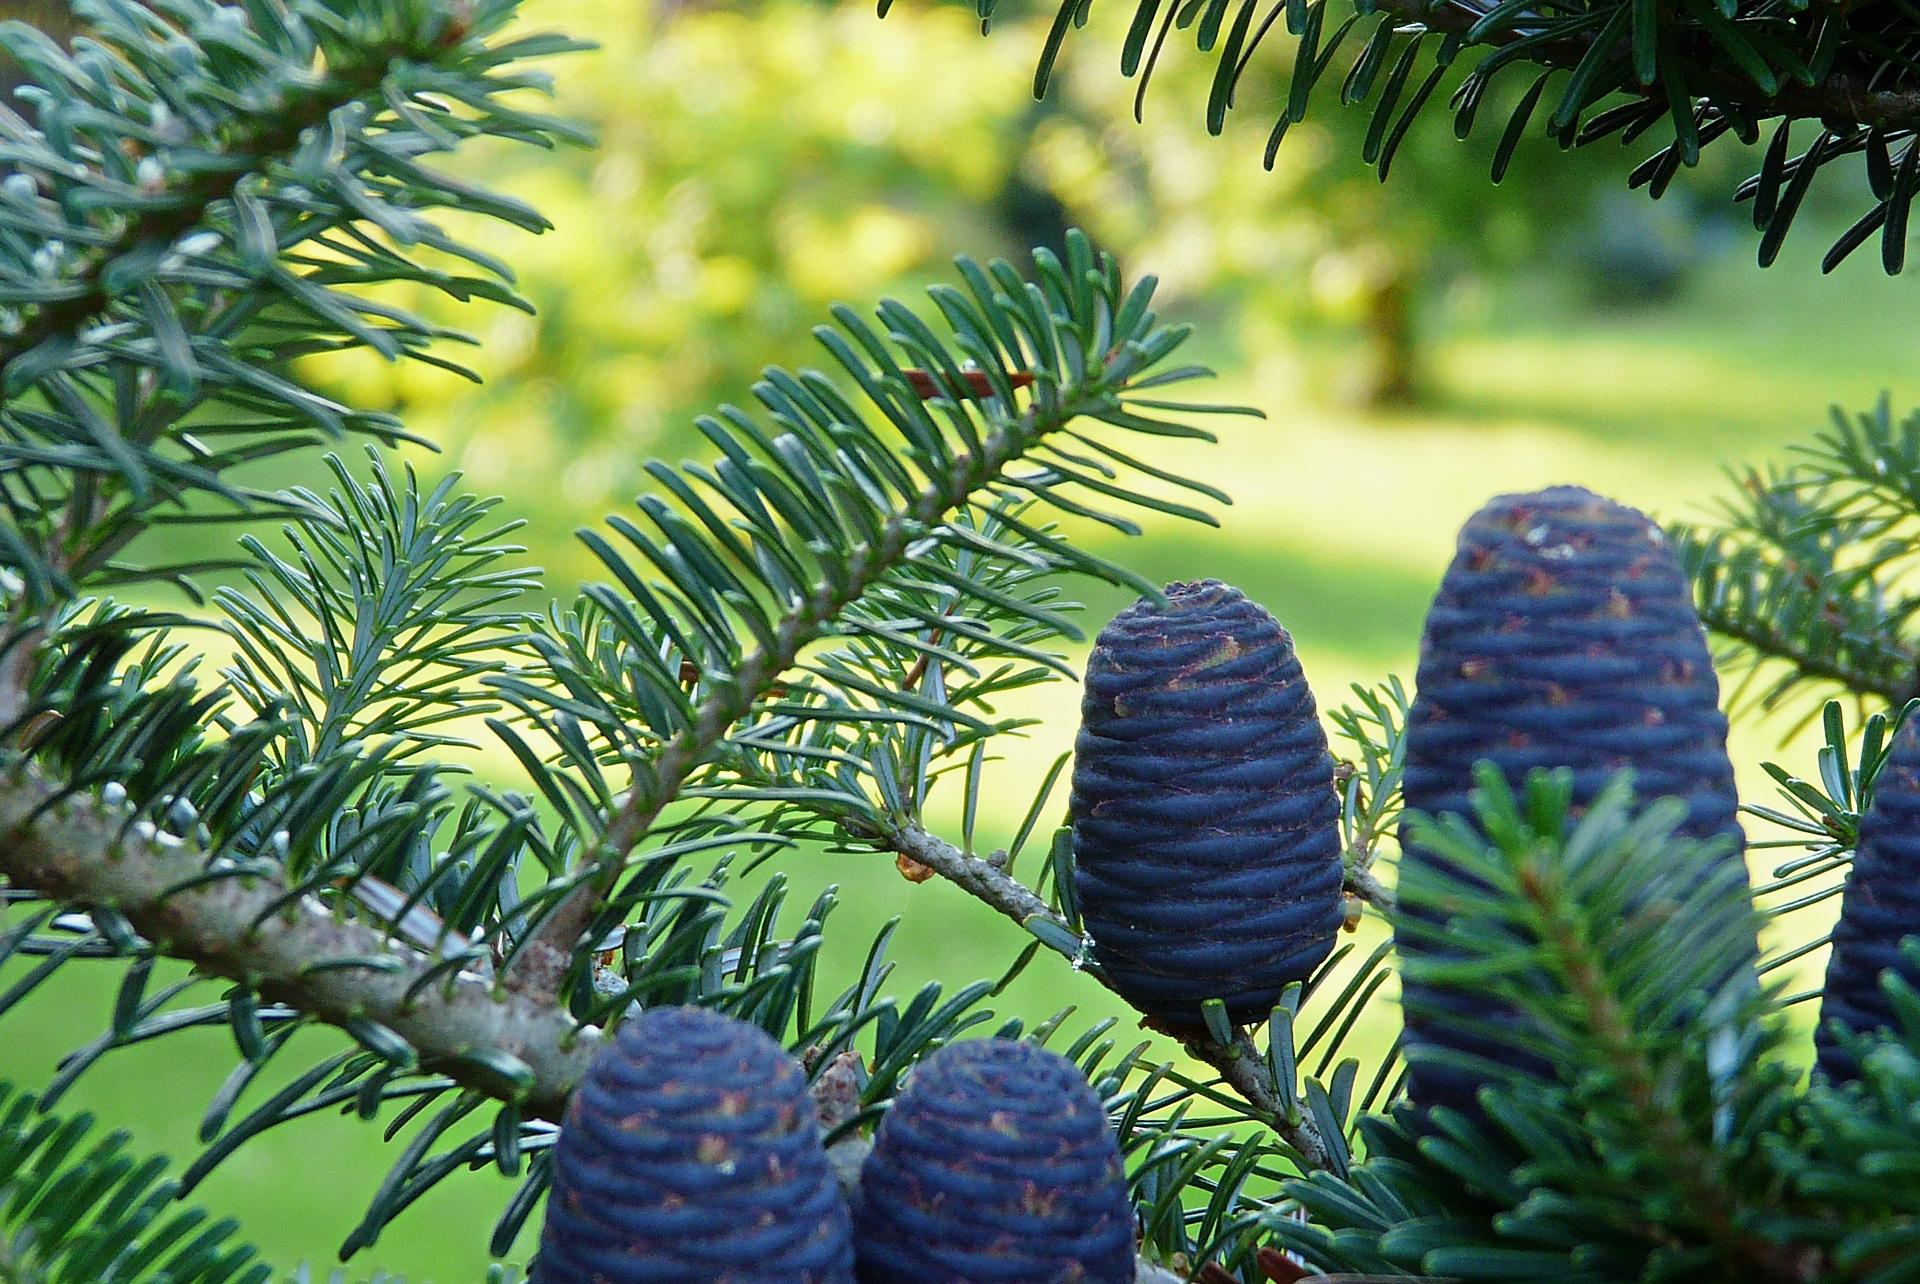 самые пихта дерево фото листьев вет